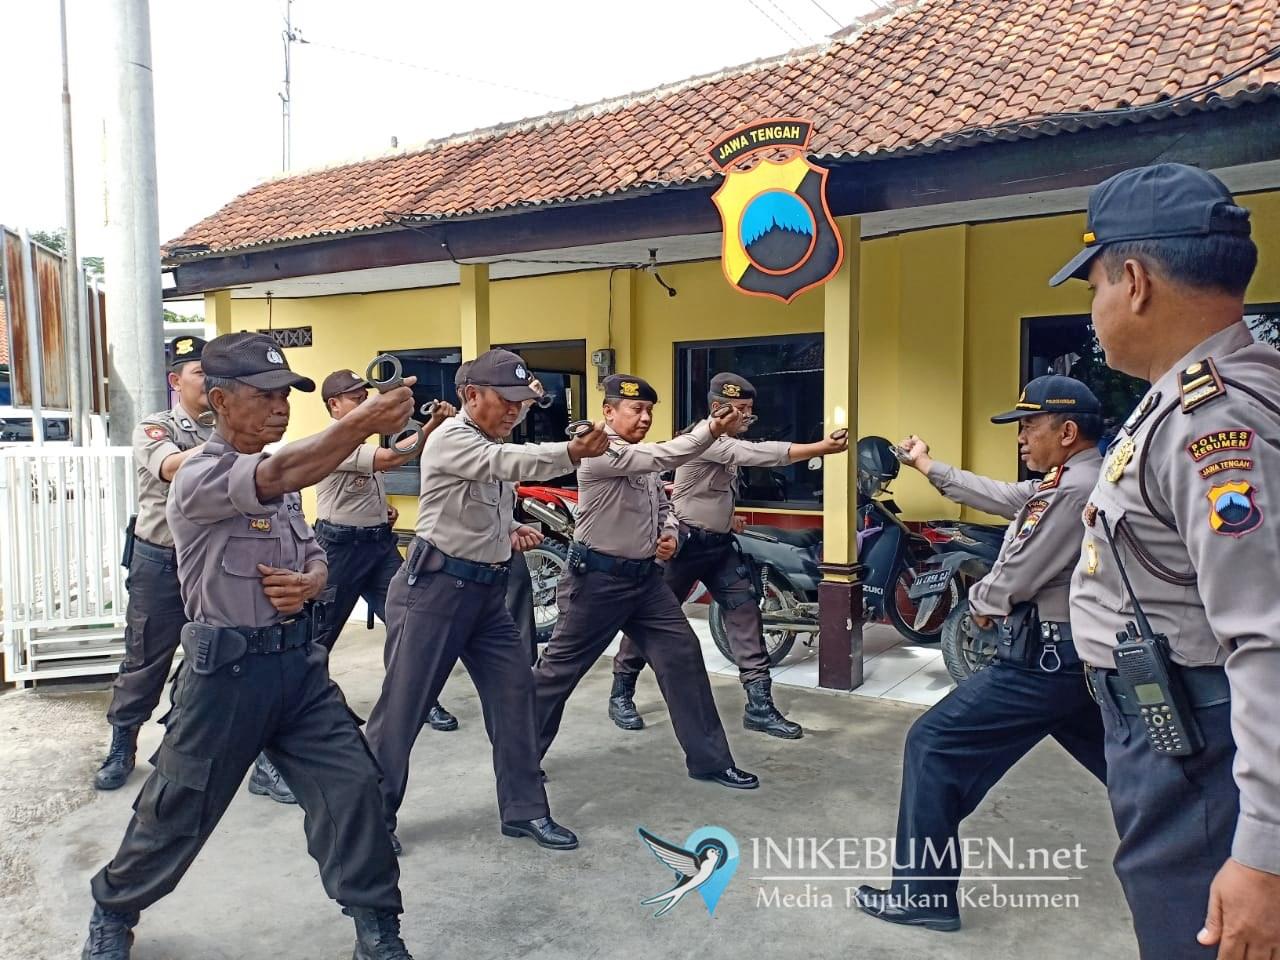 Jelang Pilbup Kebumen, Seluruh Polsek di Kebumen Gelar Latihan Beladiri